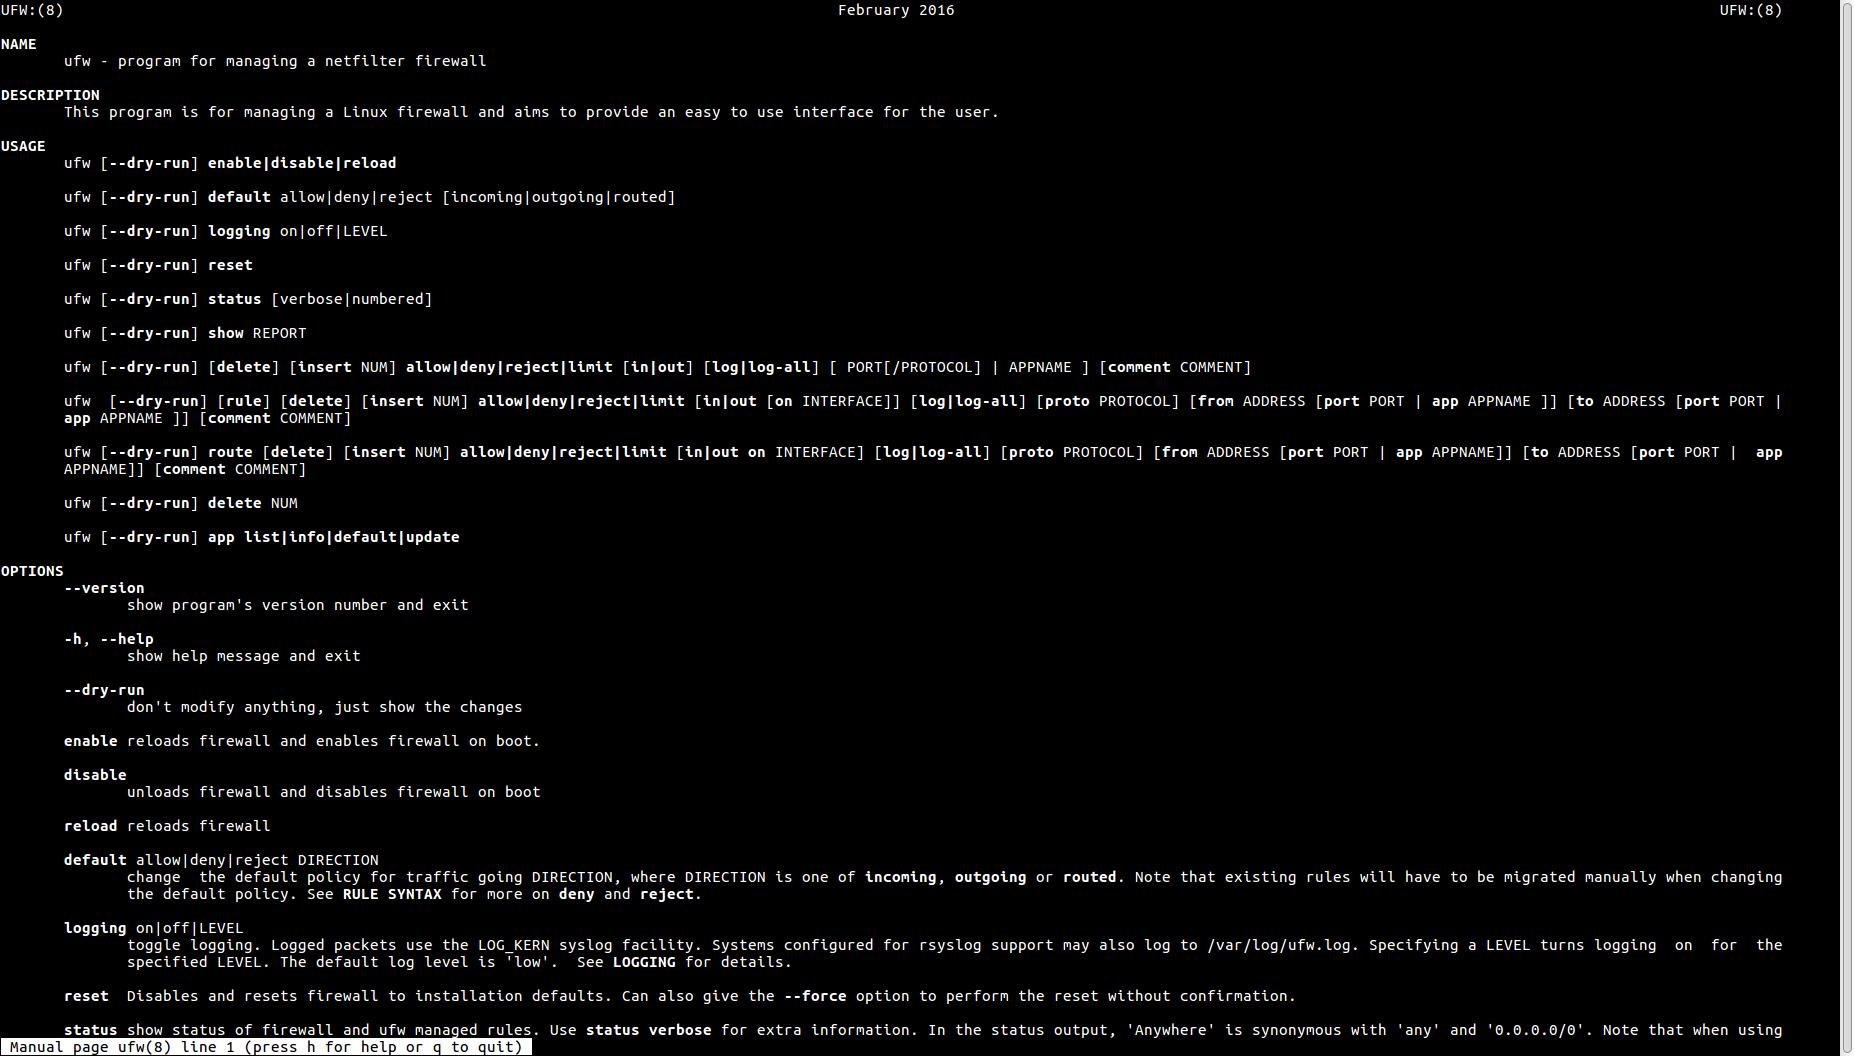 👨⚕️️ Как использовать UFW в Debian 10 Buster Linux